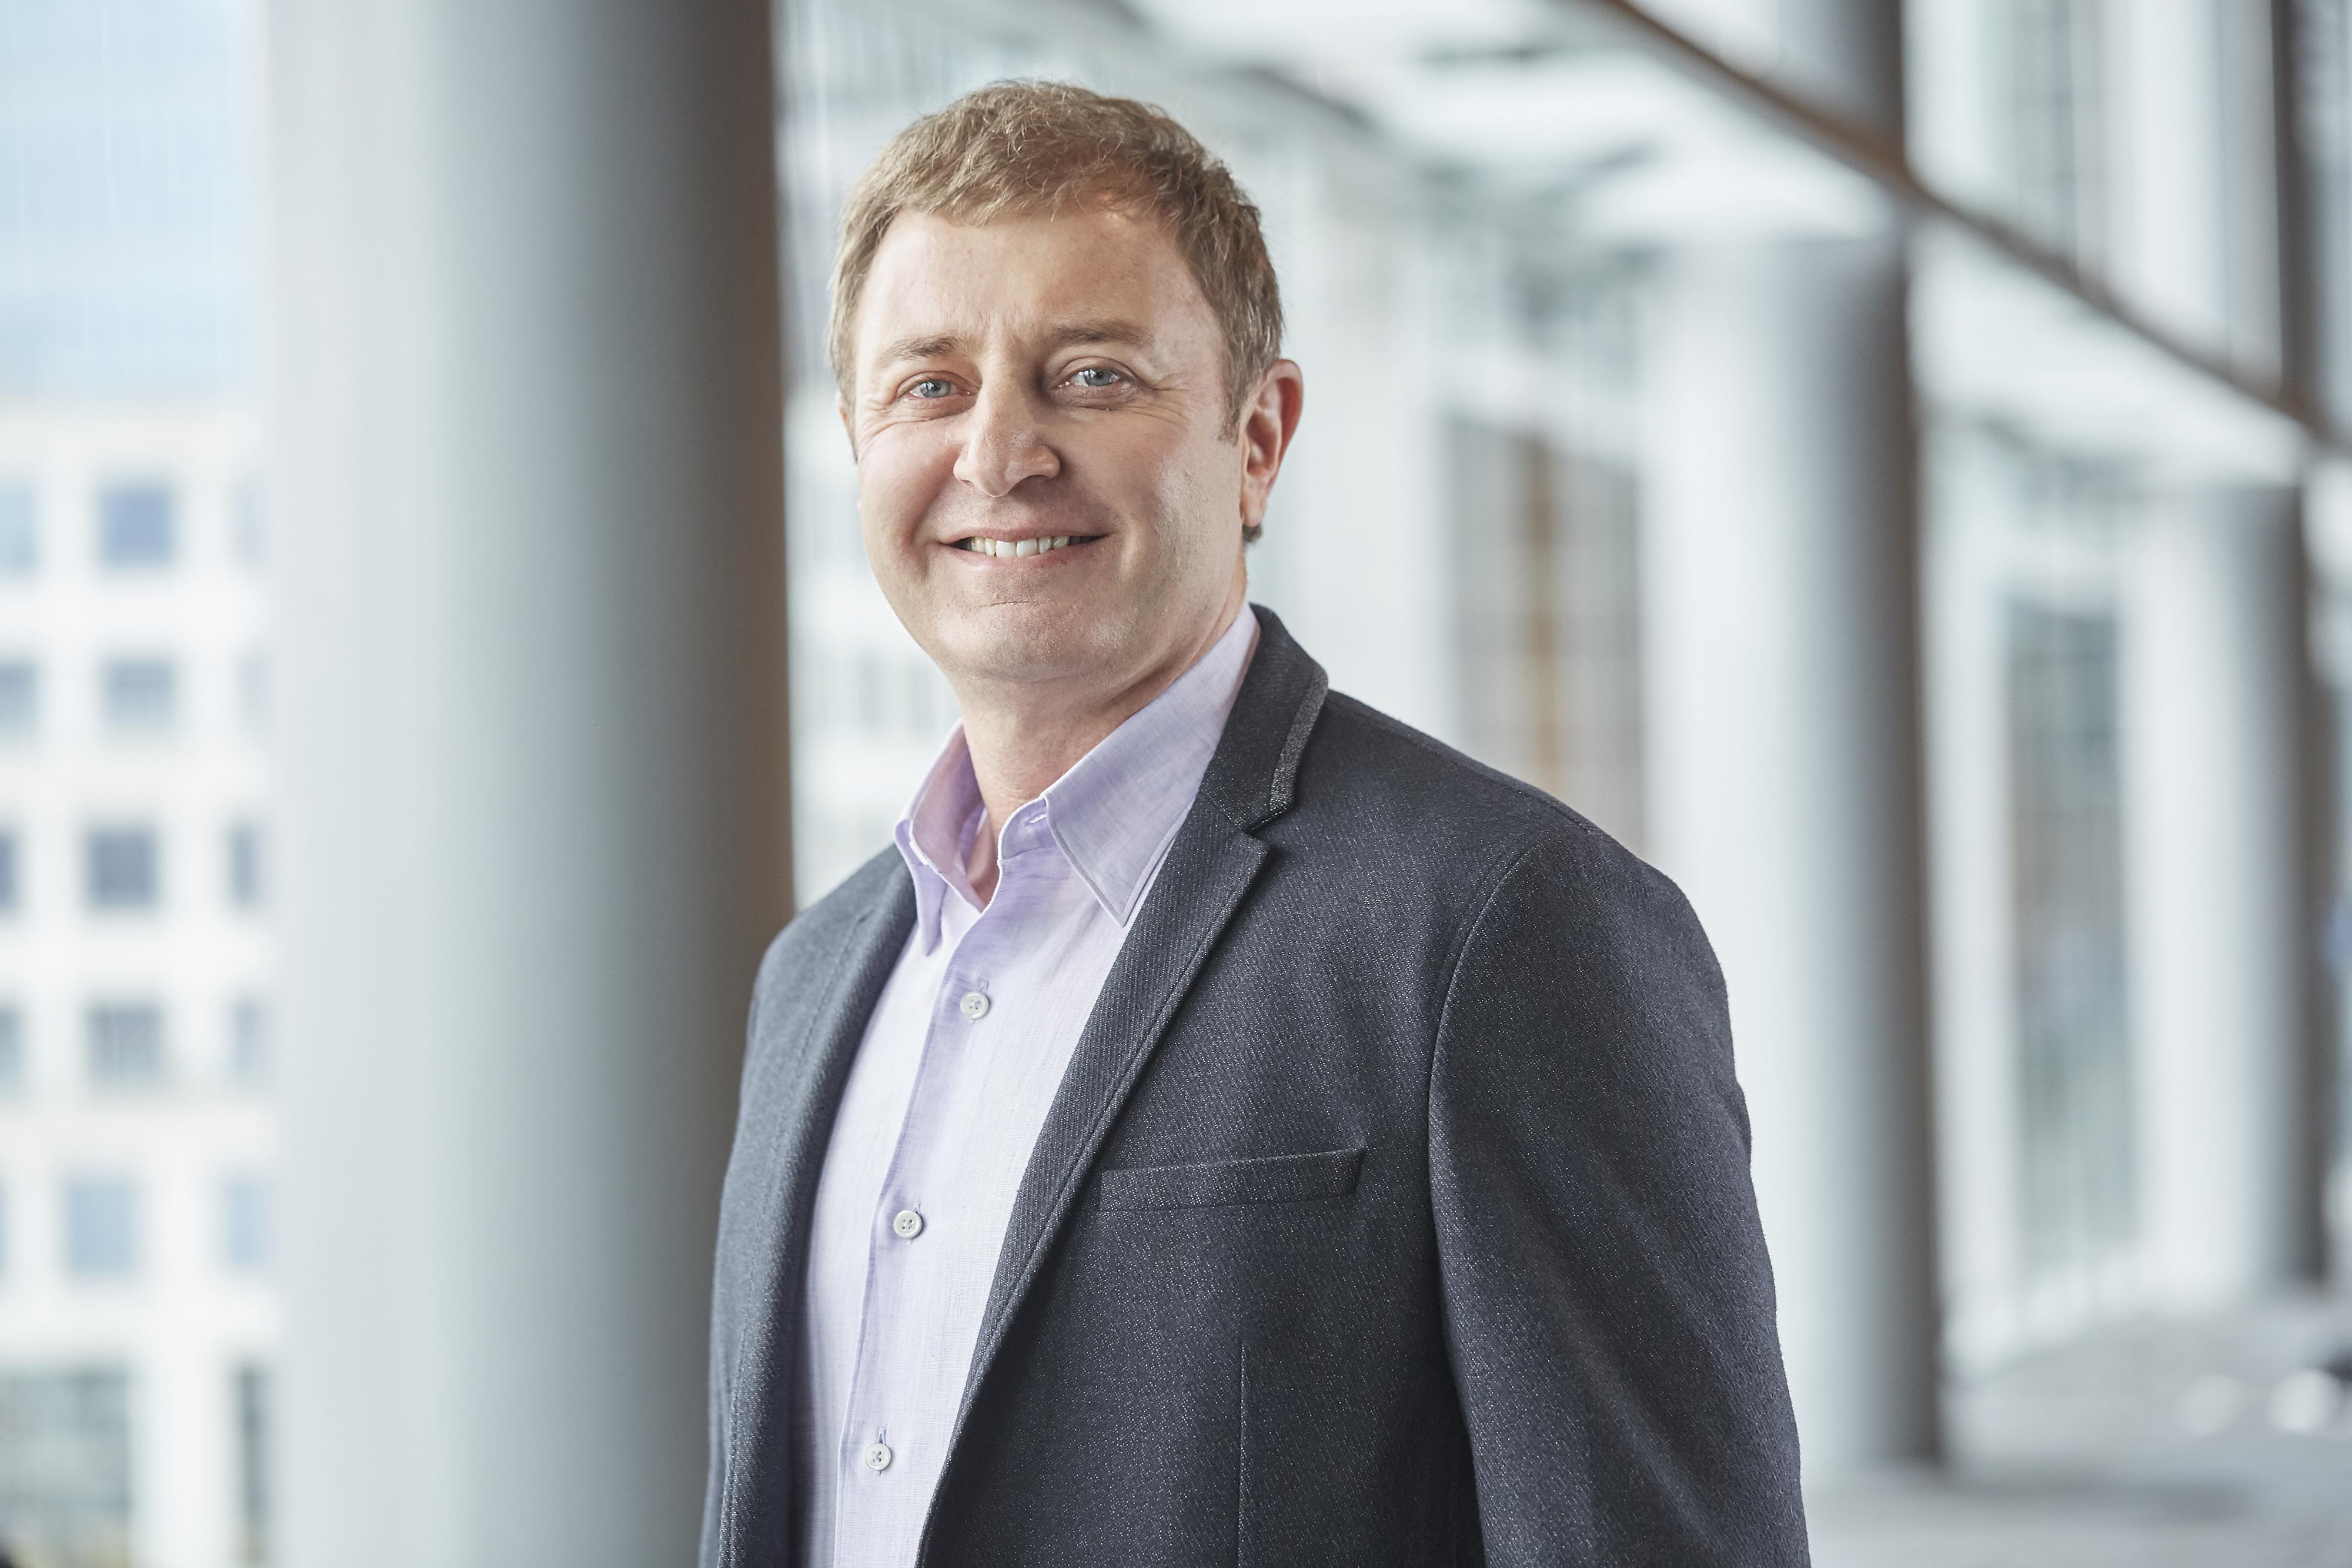 Ziv Aviram, Mobileye CEO and cofounder